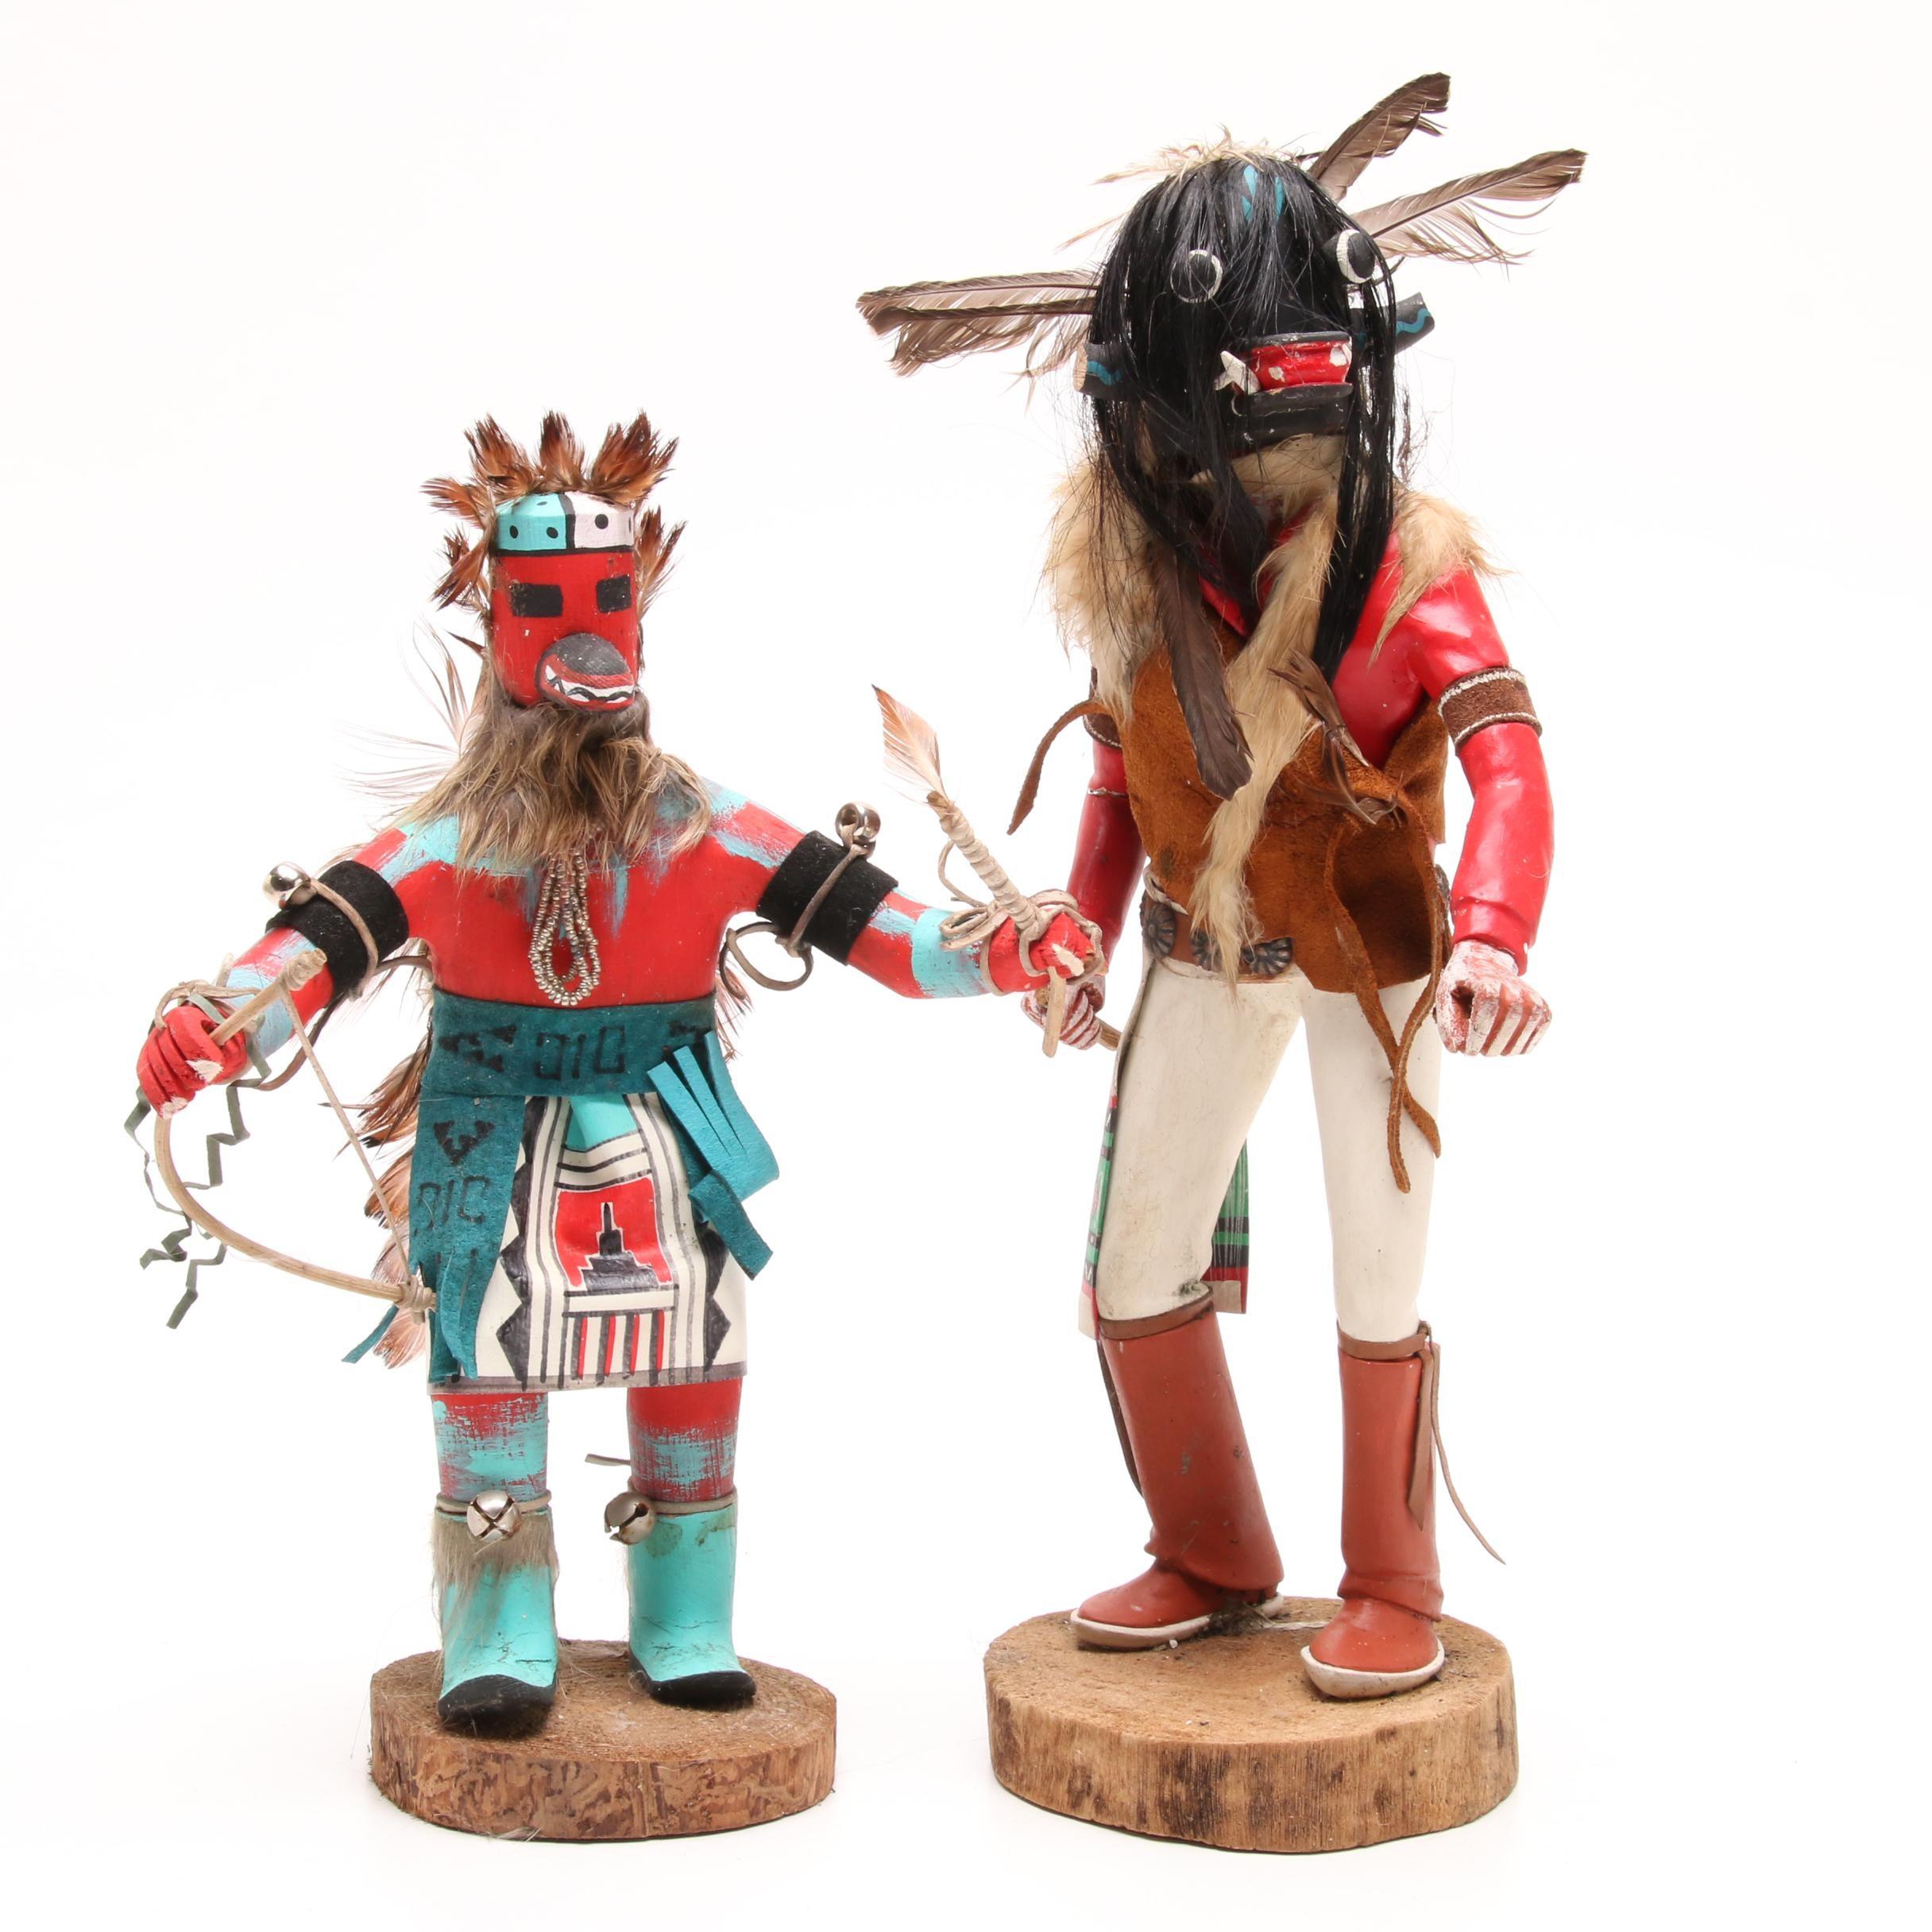 Pair of Southwestern Style Kachina Dolls, Signed